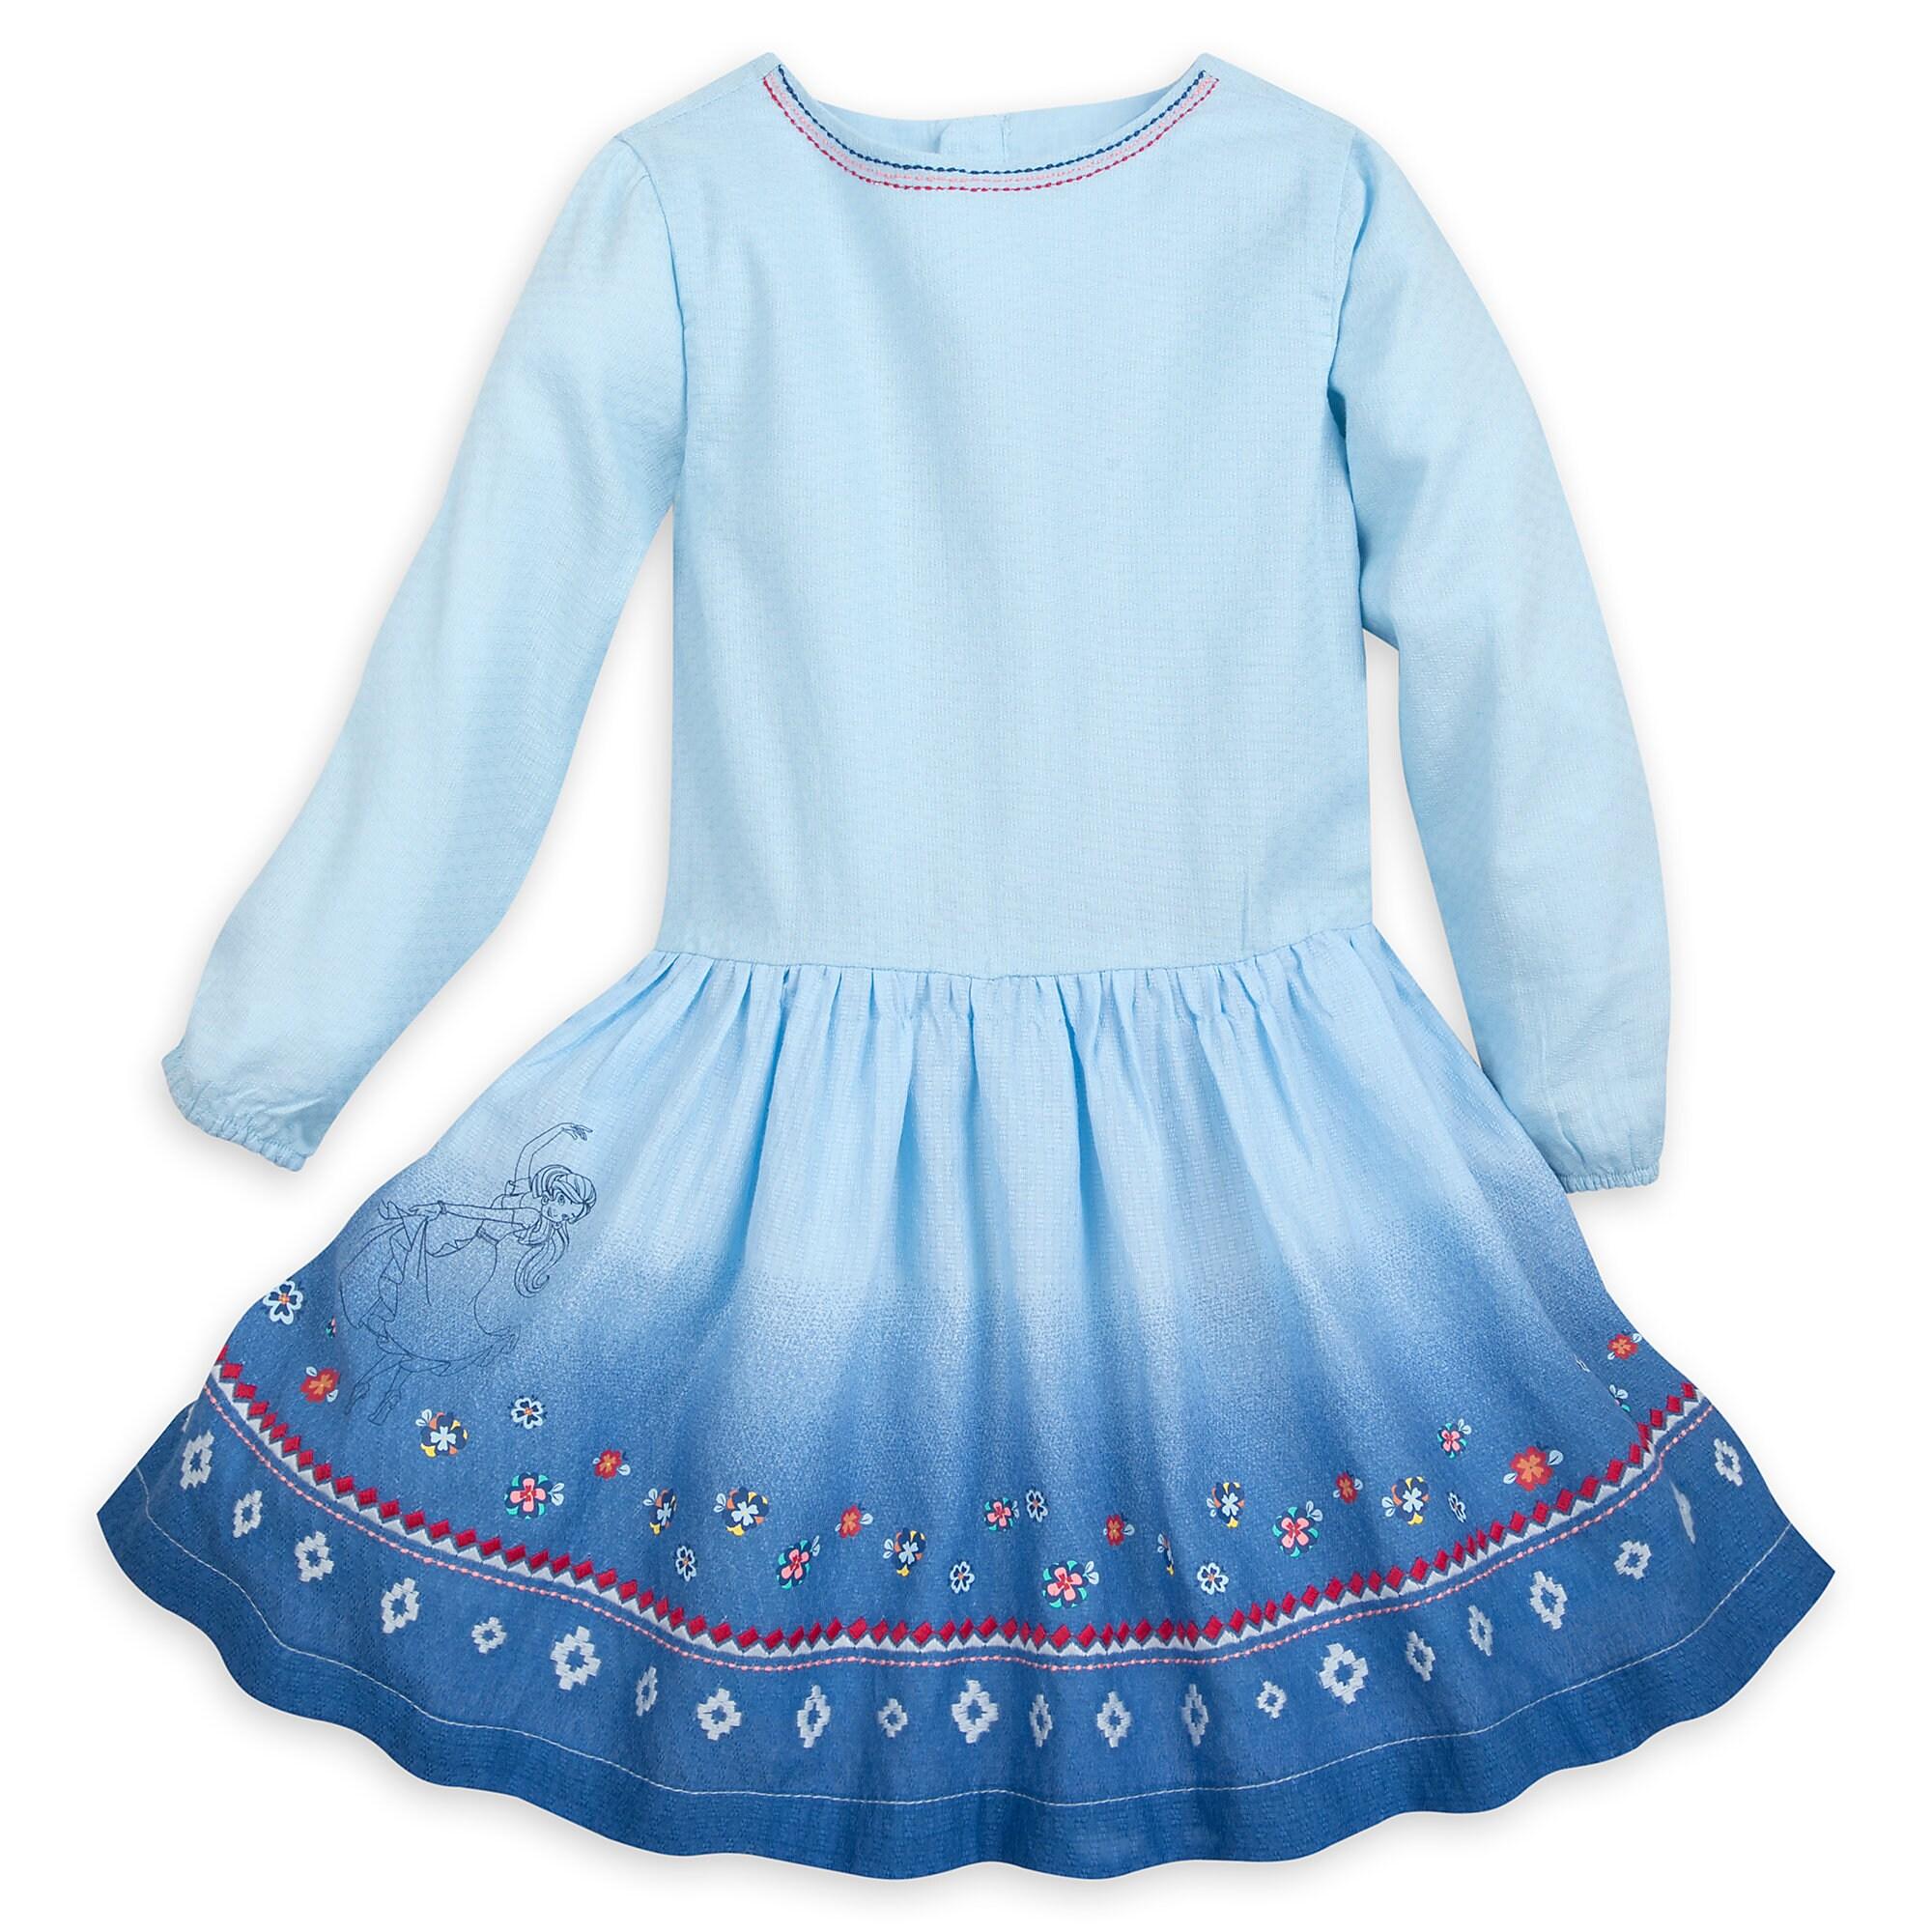 Elena of Avalor Dress for Girls